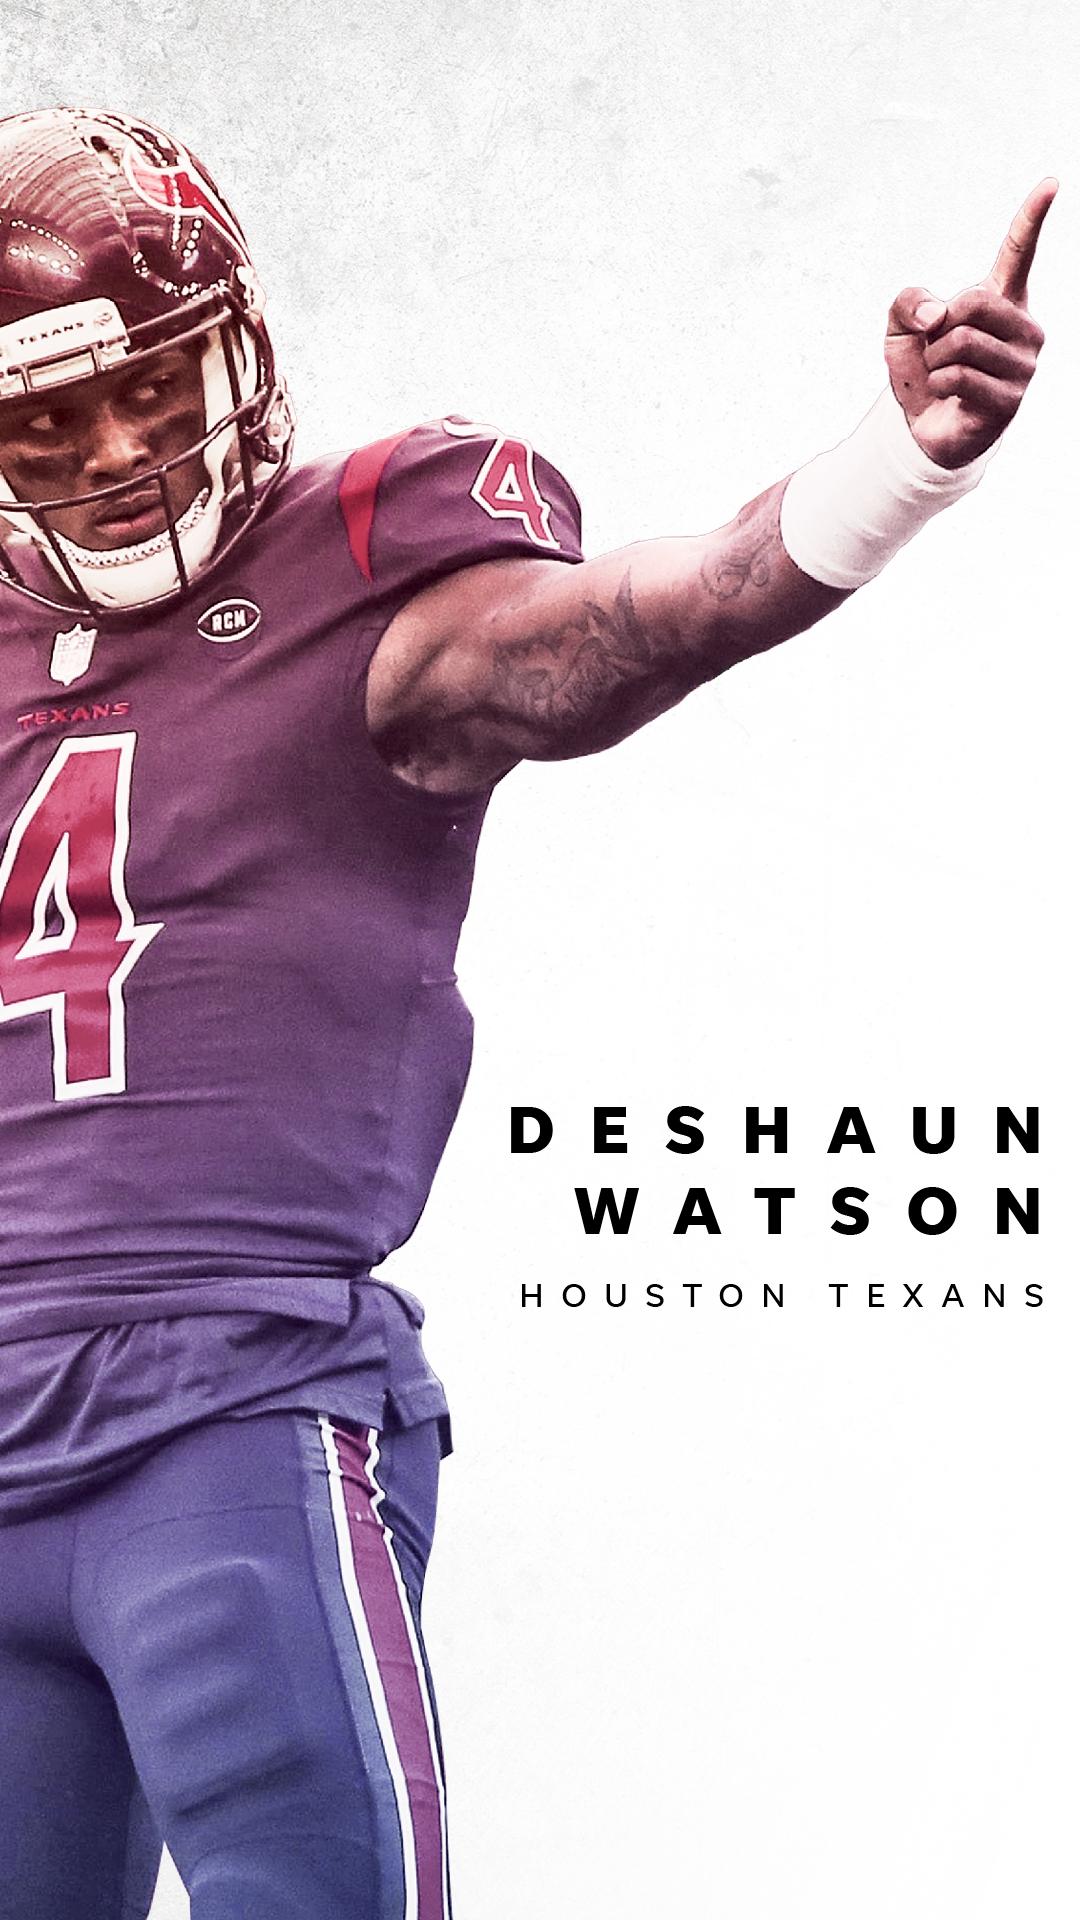 Deshaun Watson Fan Art By Joey Fisher Deshaun Watson Houston Texans Football Texans Football